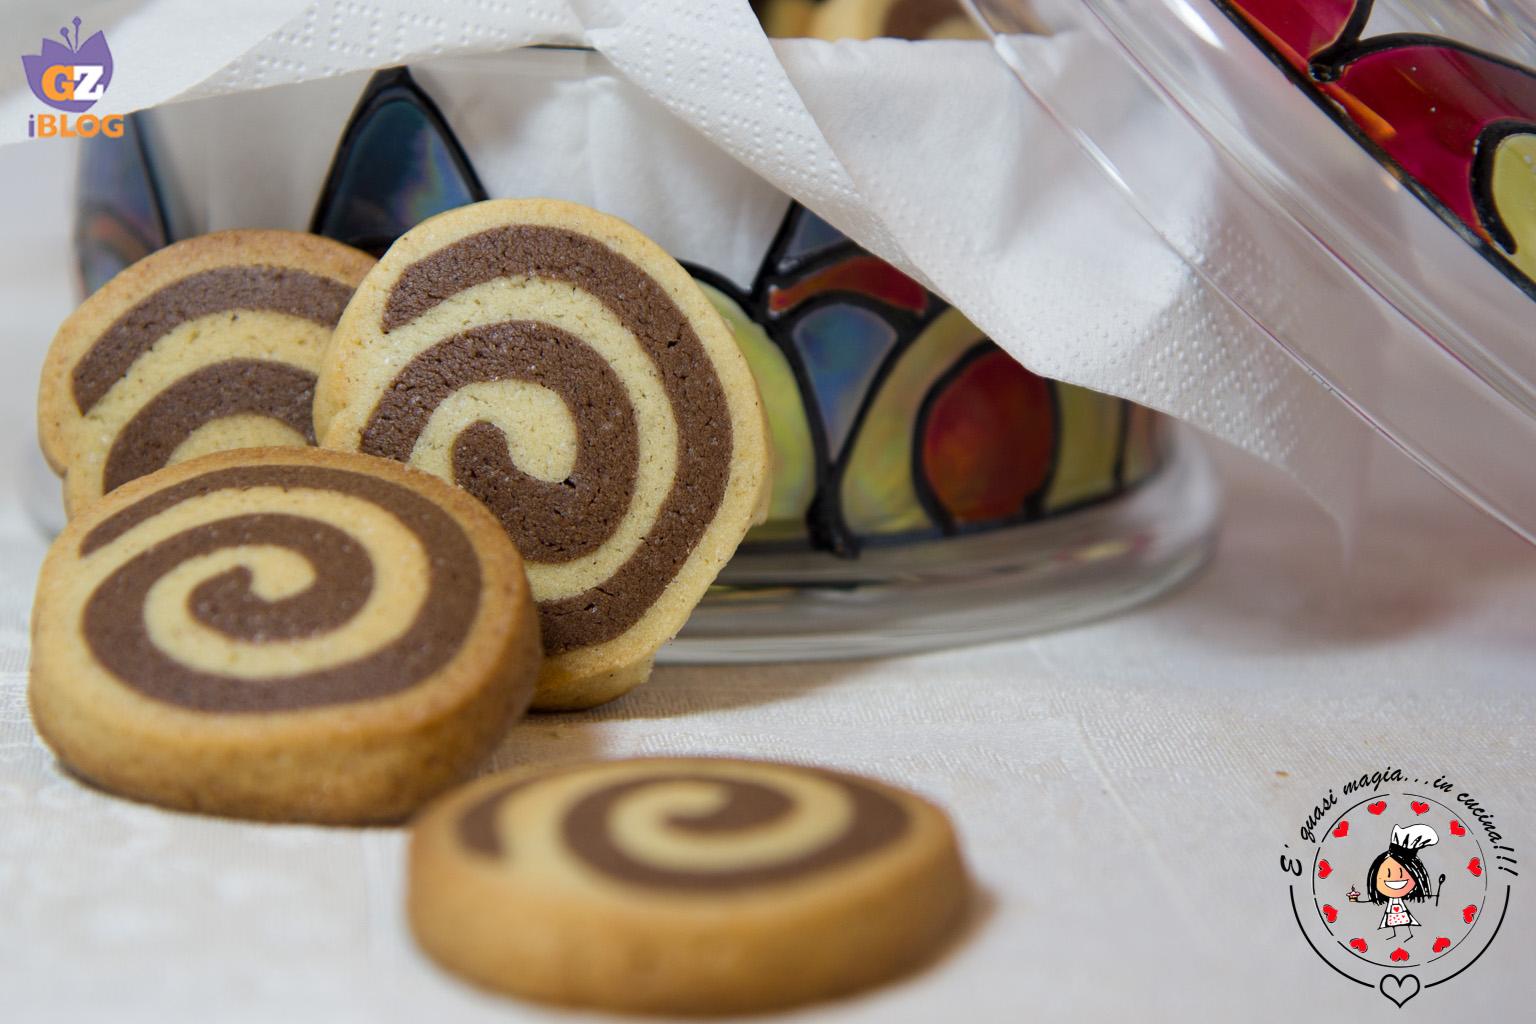 Biscotti Girandola Cannella e Cacao